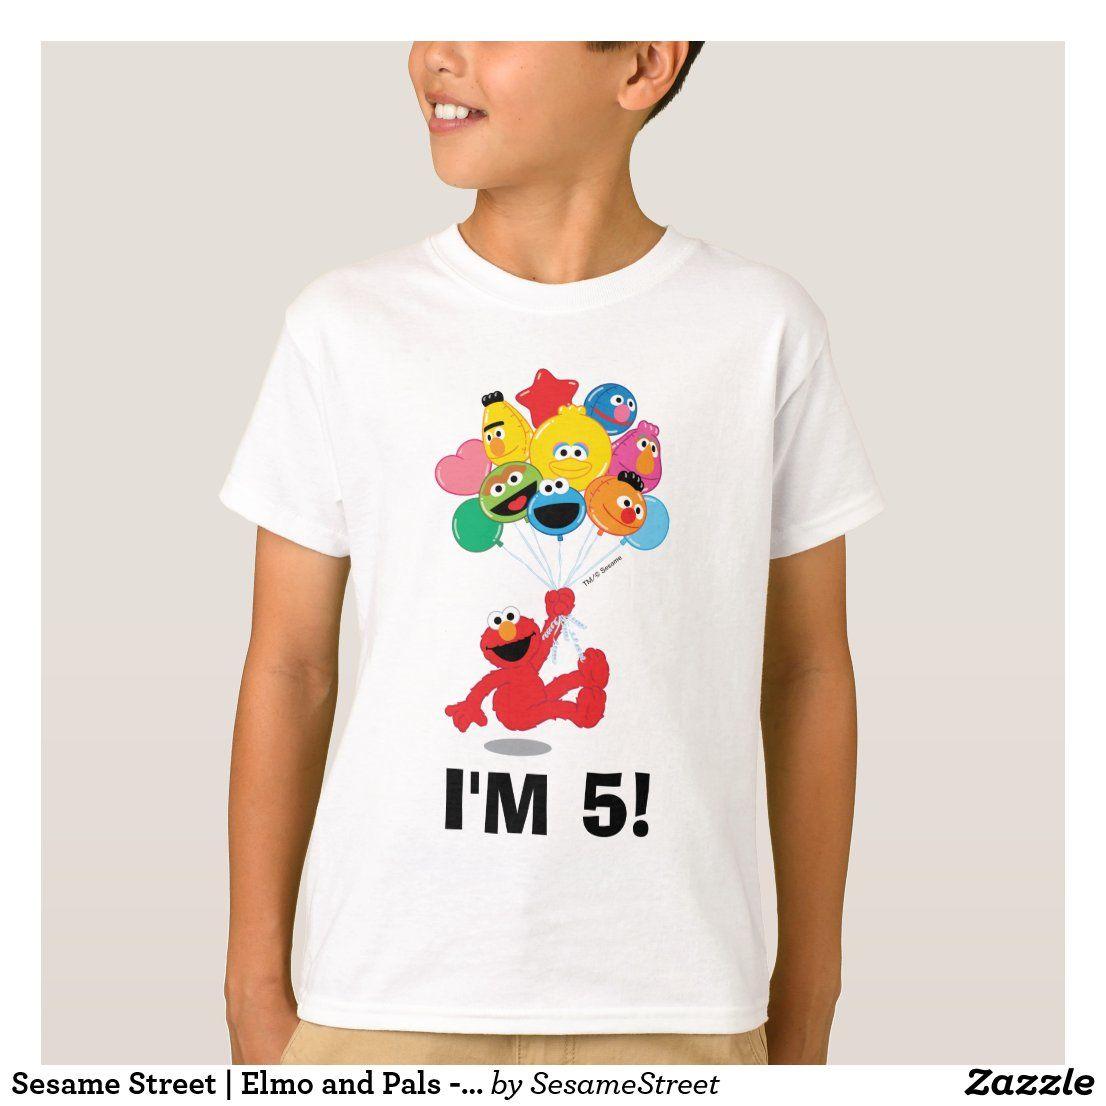 Deux Cool 2nd Anniversaire Enfants T-shirt anniversaire 2 Enfants Âge Cadeau Fête Garçon Fille